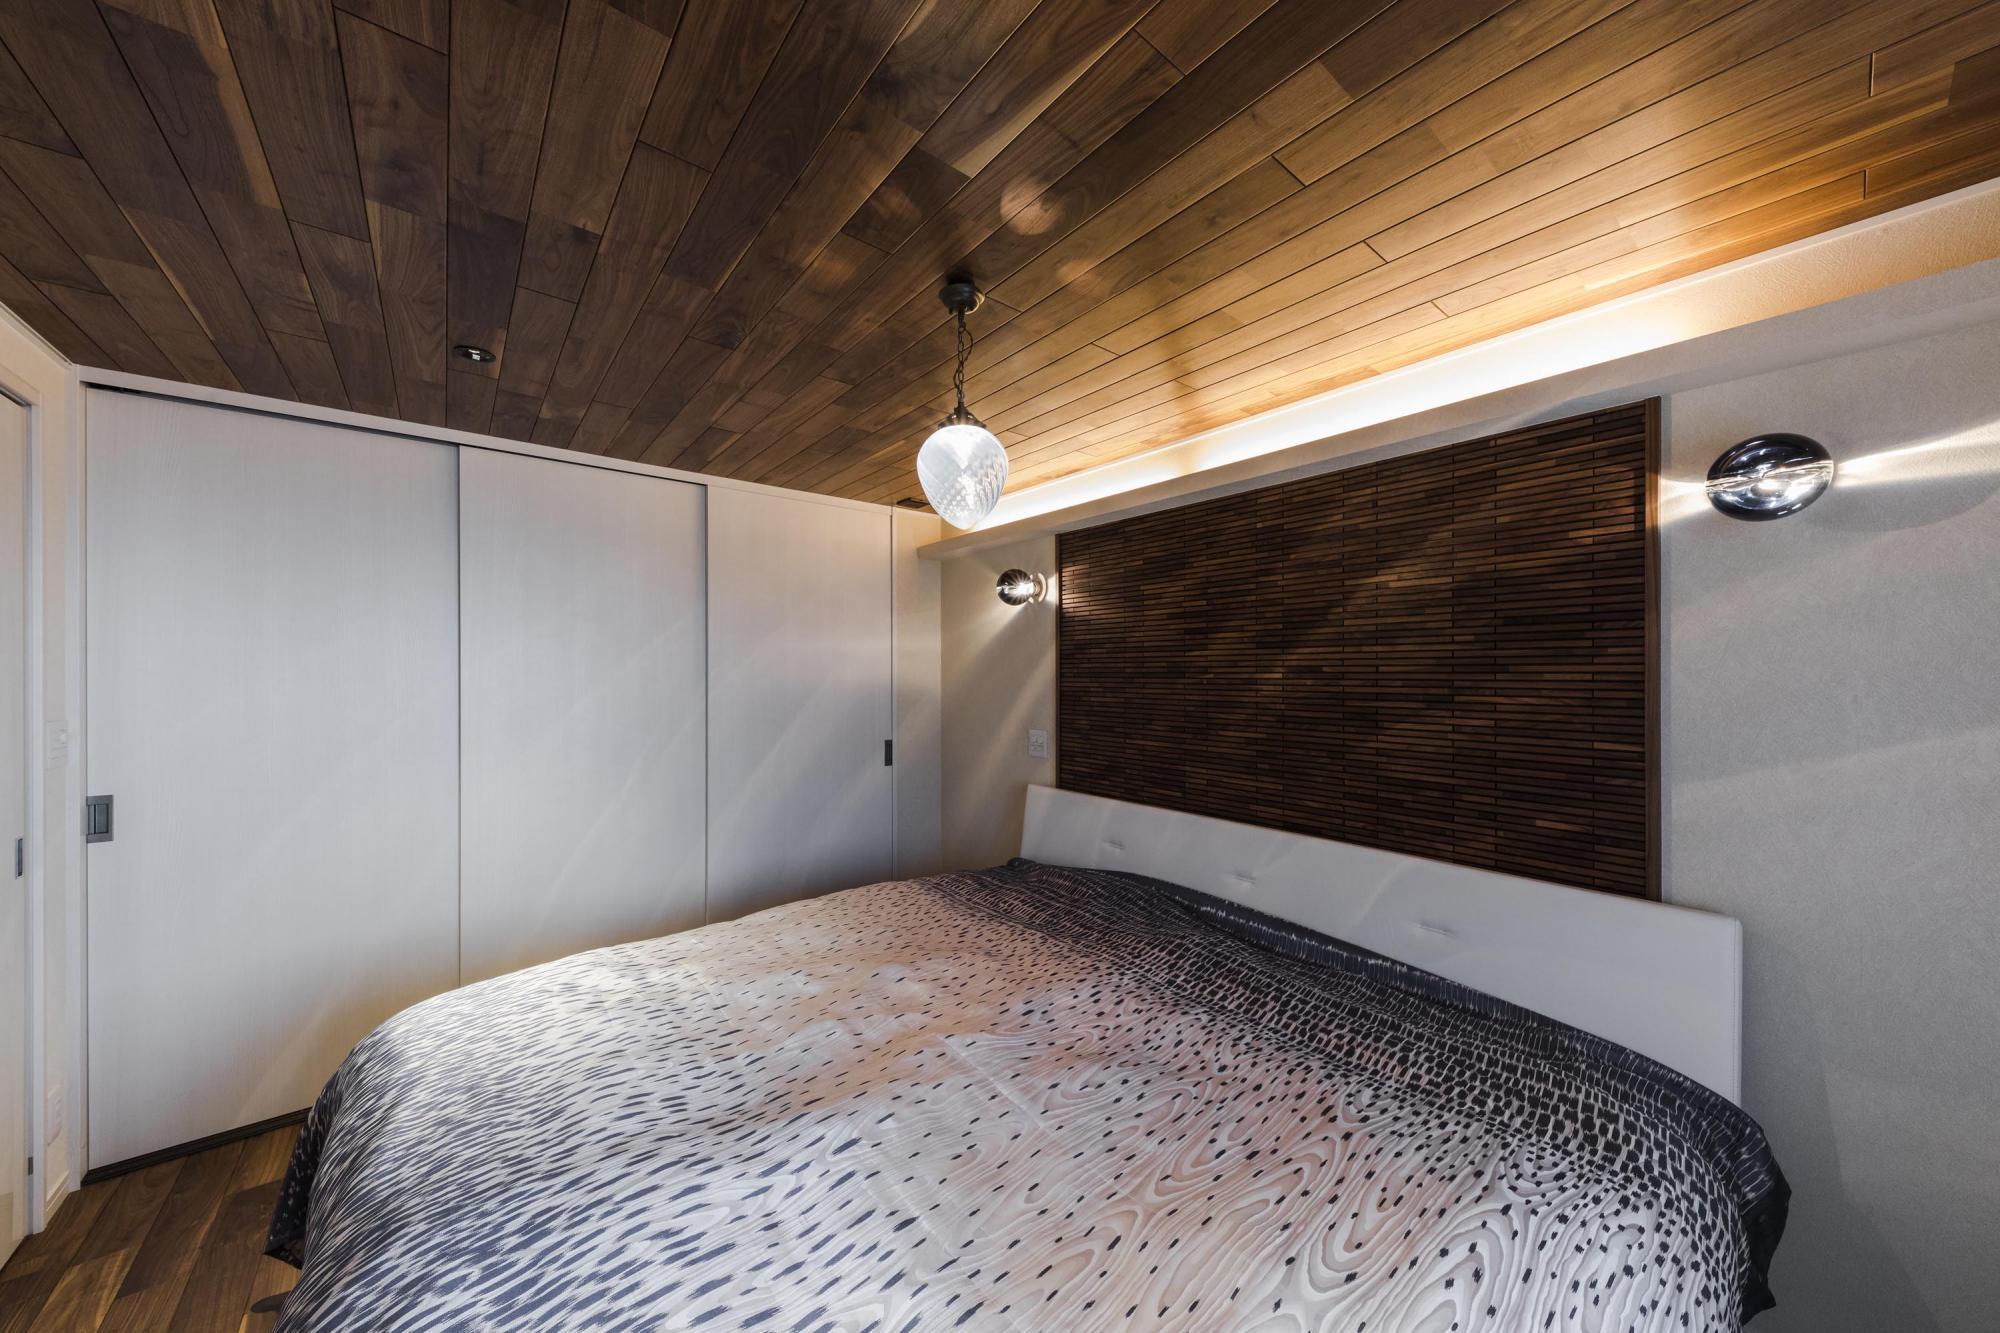 主寝室の床や天井、壁には温もりを感じられる木を採用。見た目の雰囲気や香りによるリラックス効果で、ゆっくりと寛げる空間に。間接照明による、柔らかな雰囲気が心地よい時間を演出する